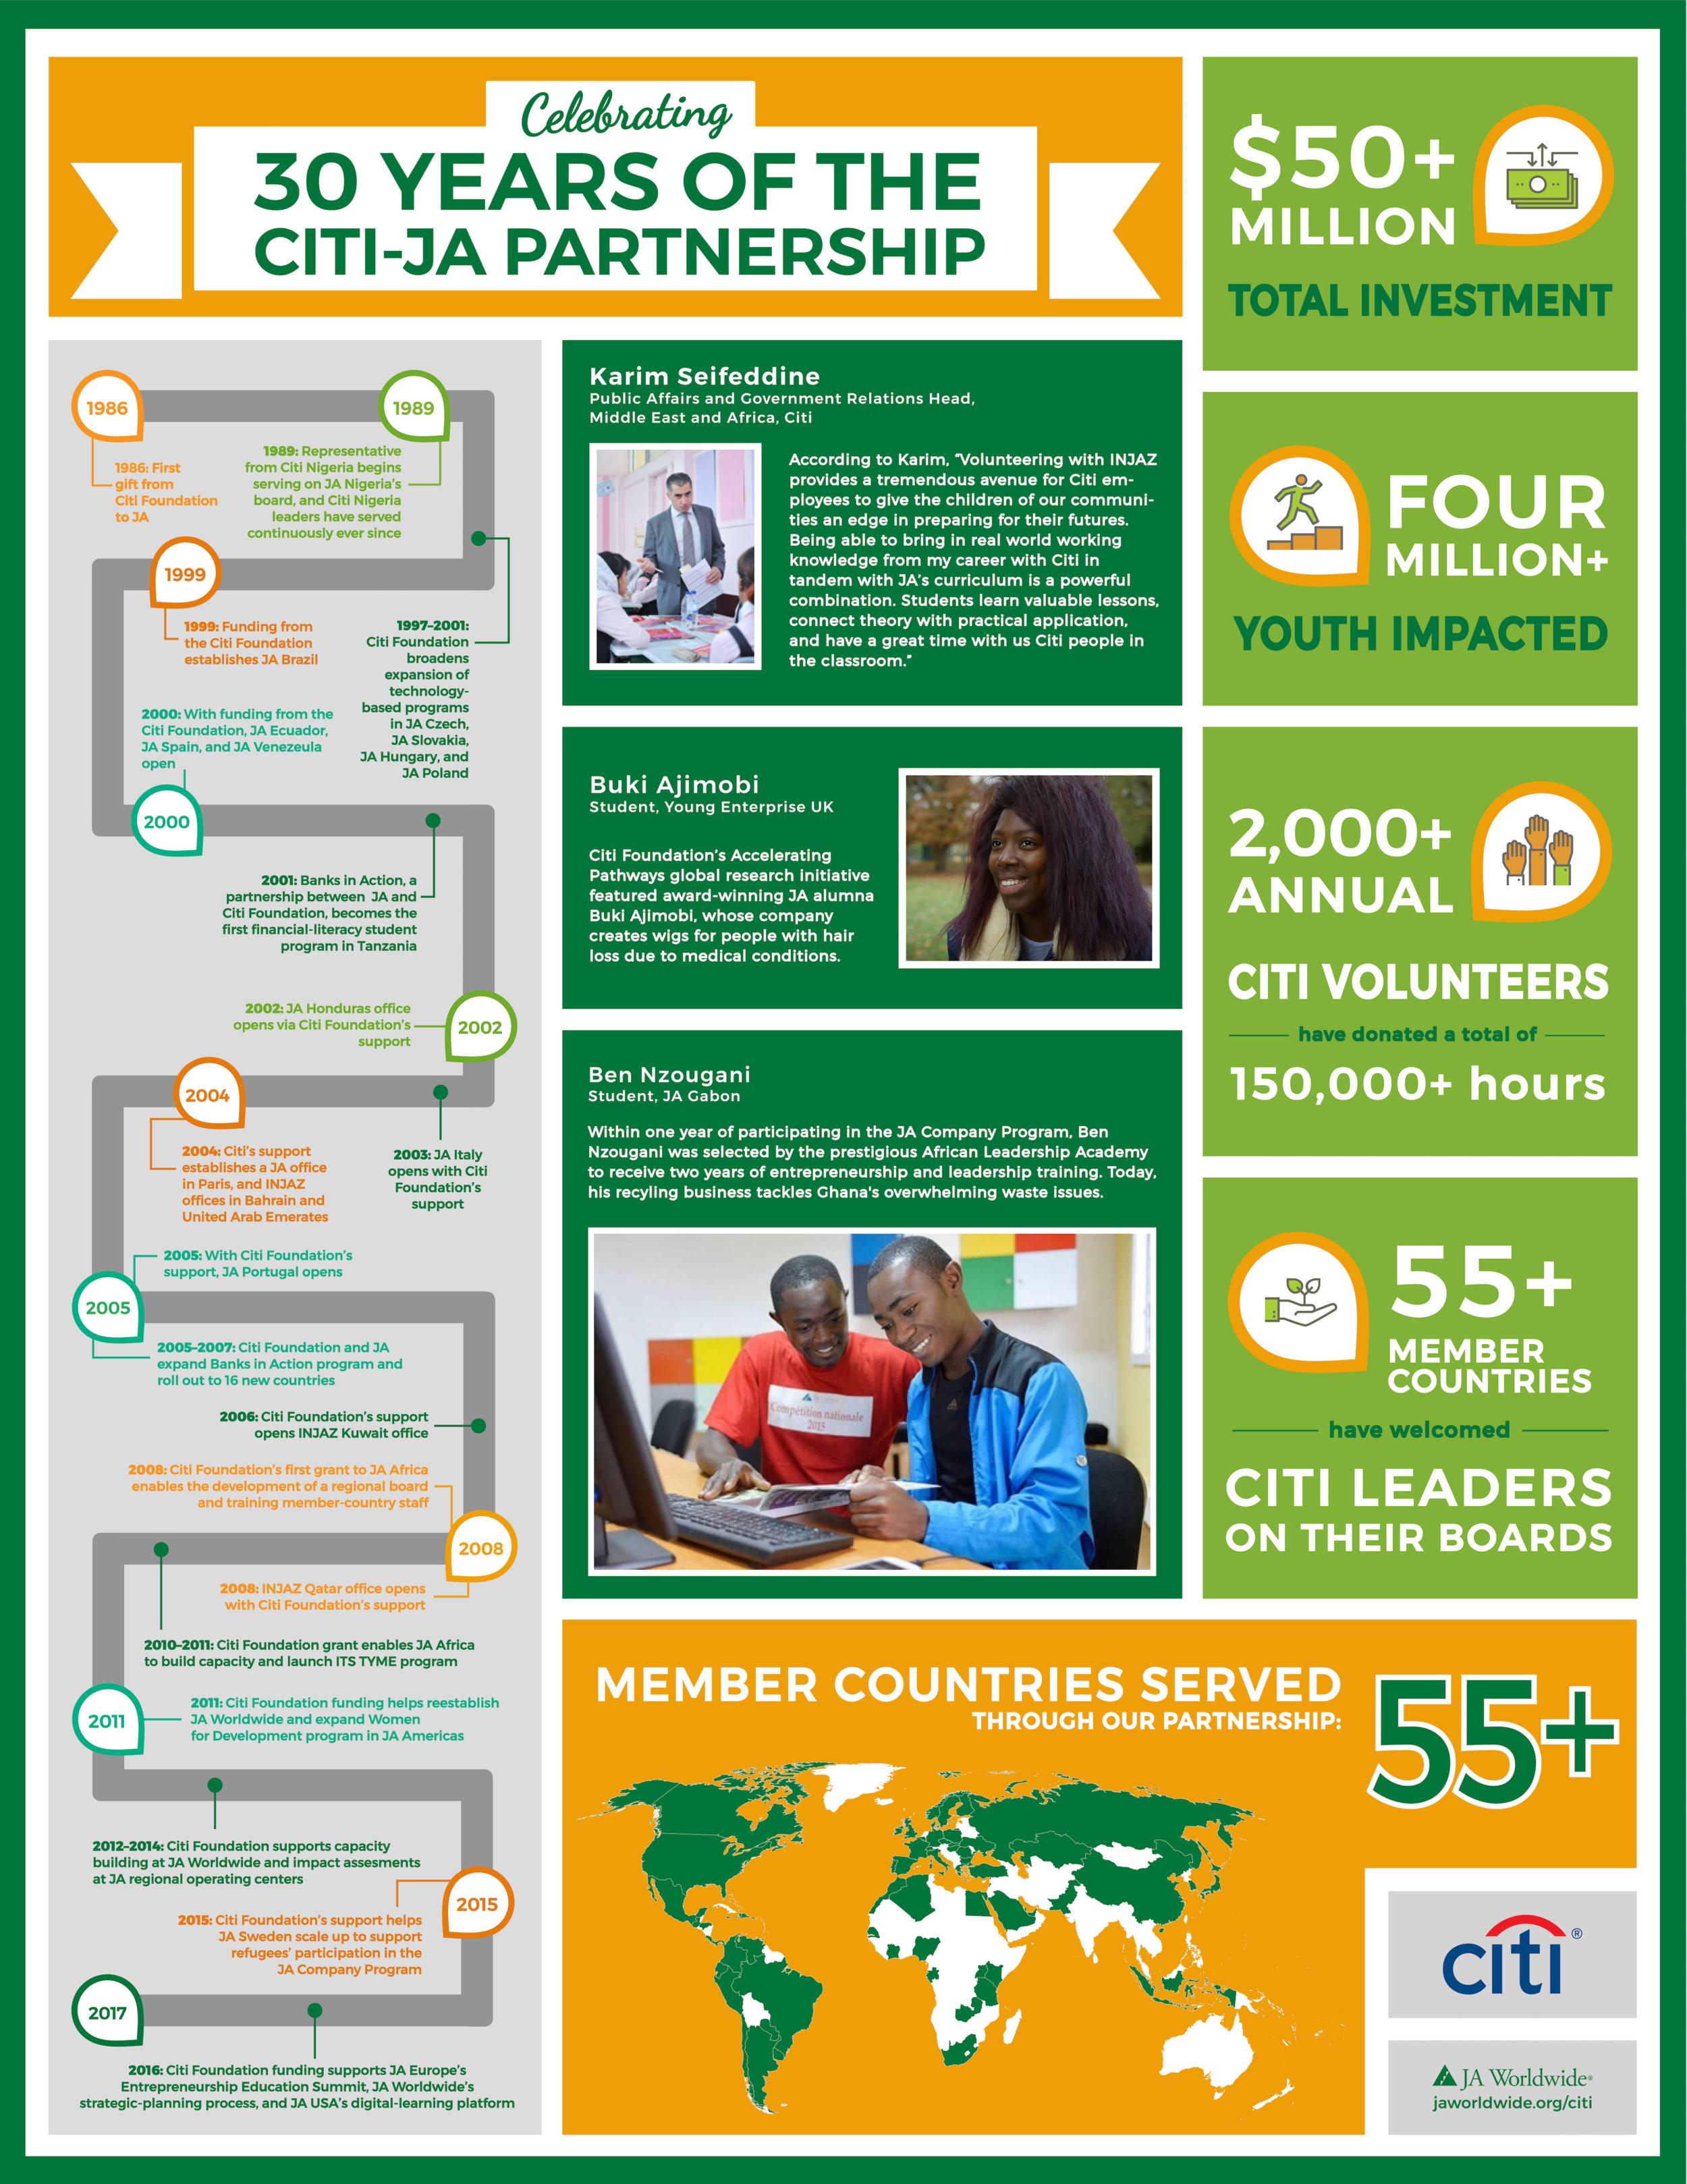 Citi-JA 30 years infographic-02.png